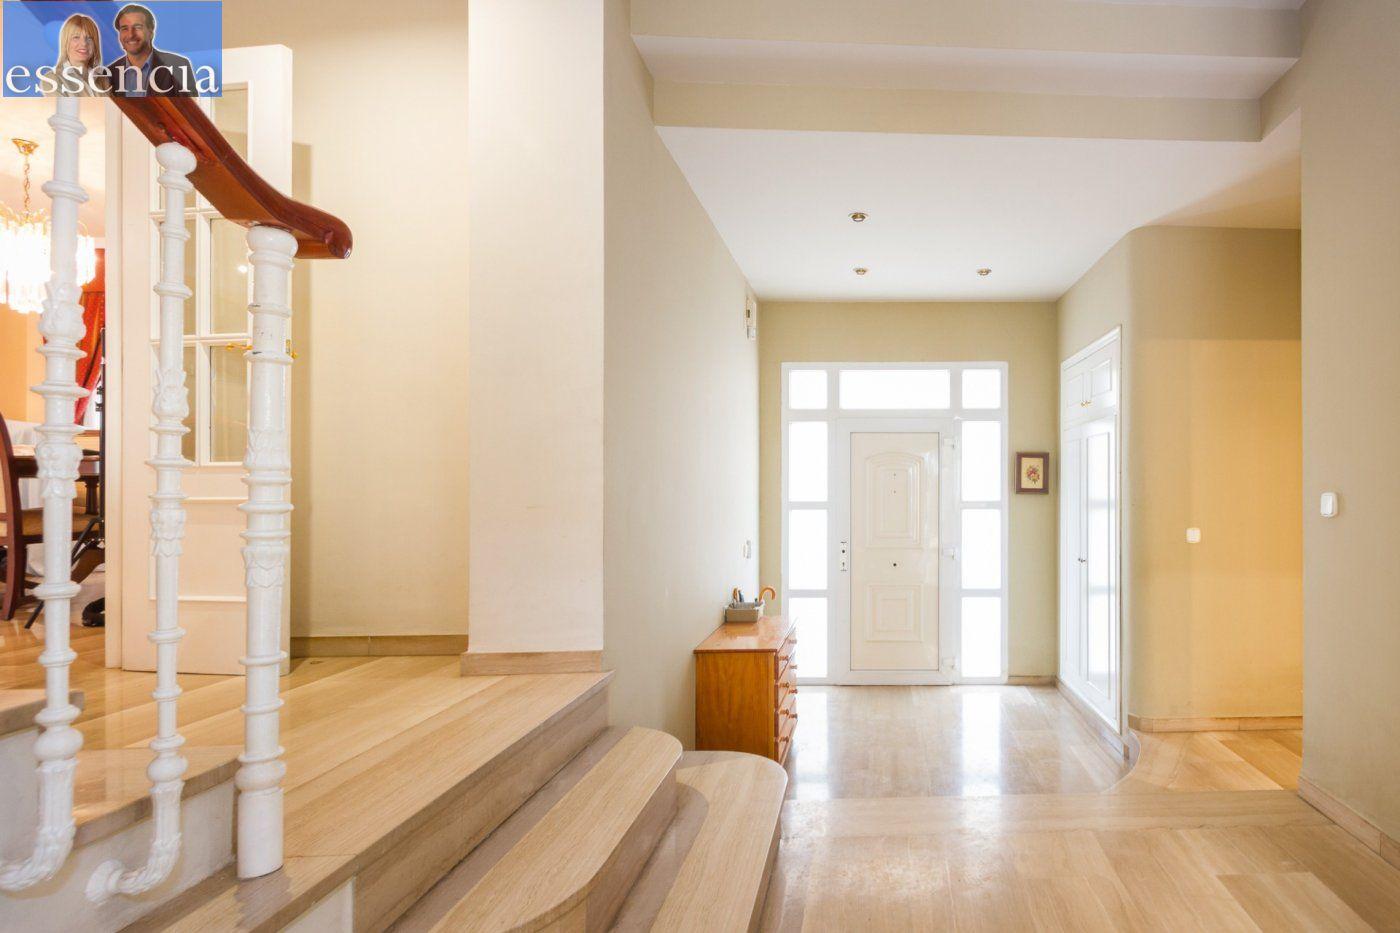 Casa con encanto en el centro de gandÍa para clientes vip - imagenInmueble33